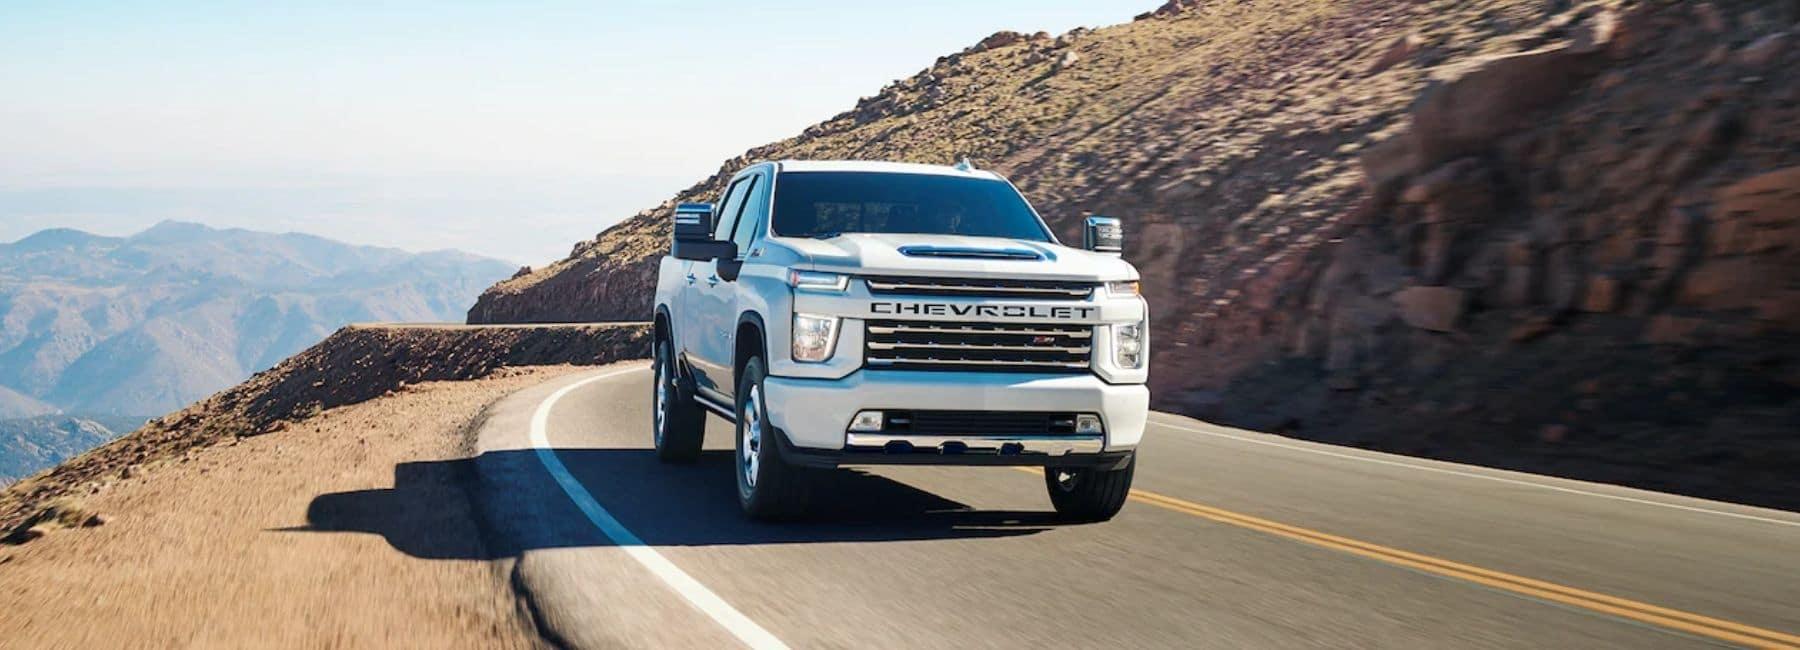 White 2022 Chevrolet Silverado 2500 With Mountain Background